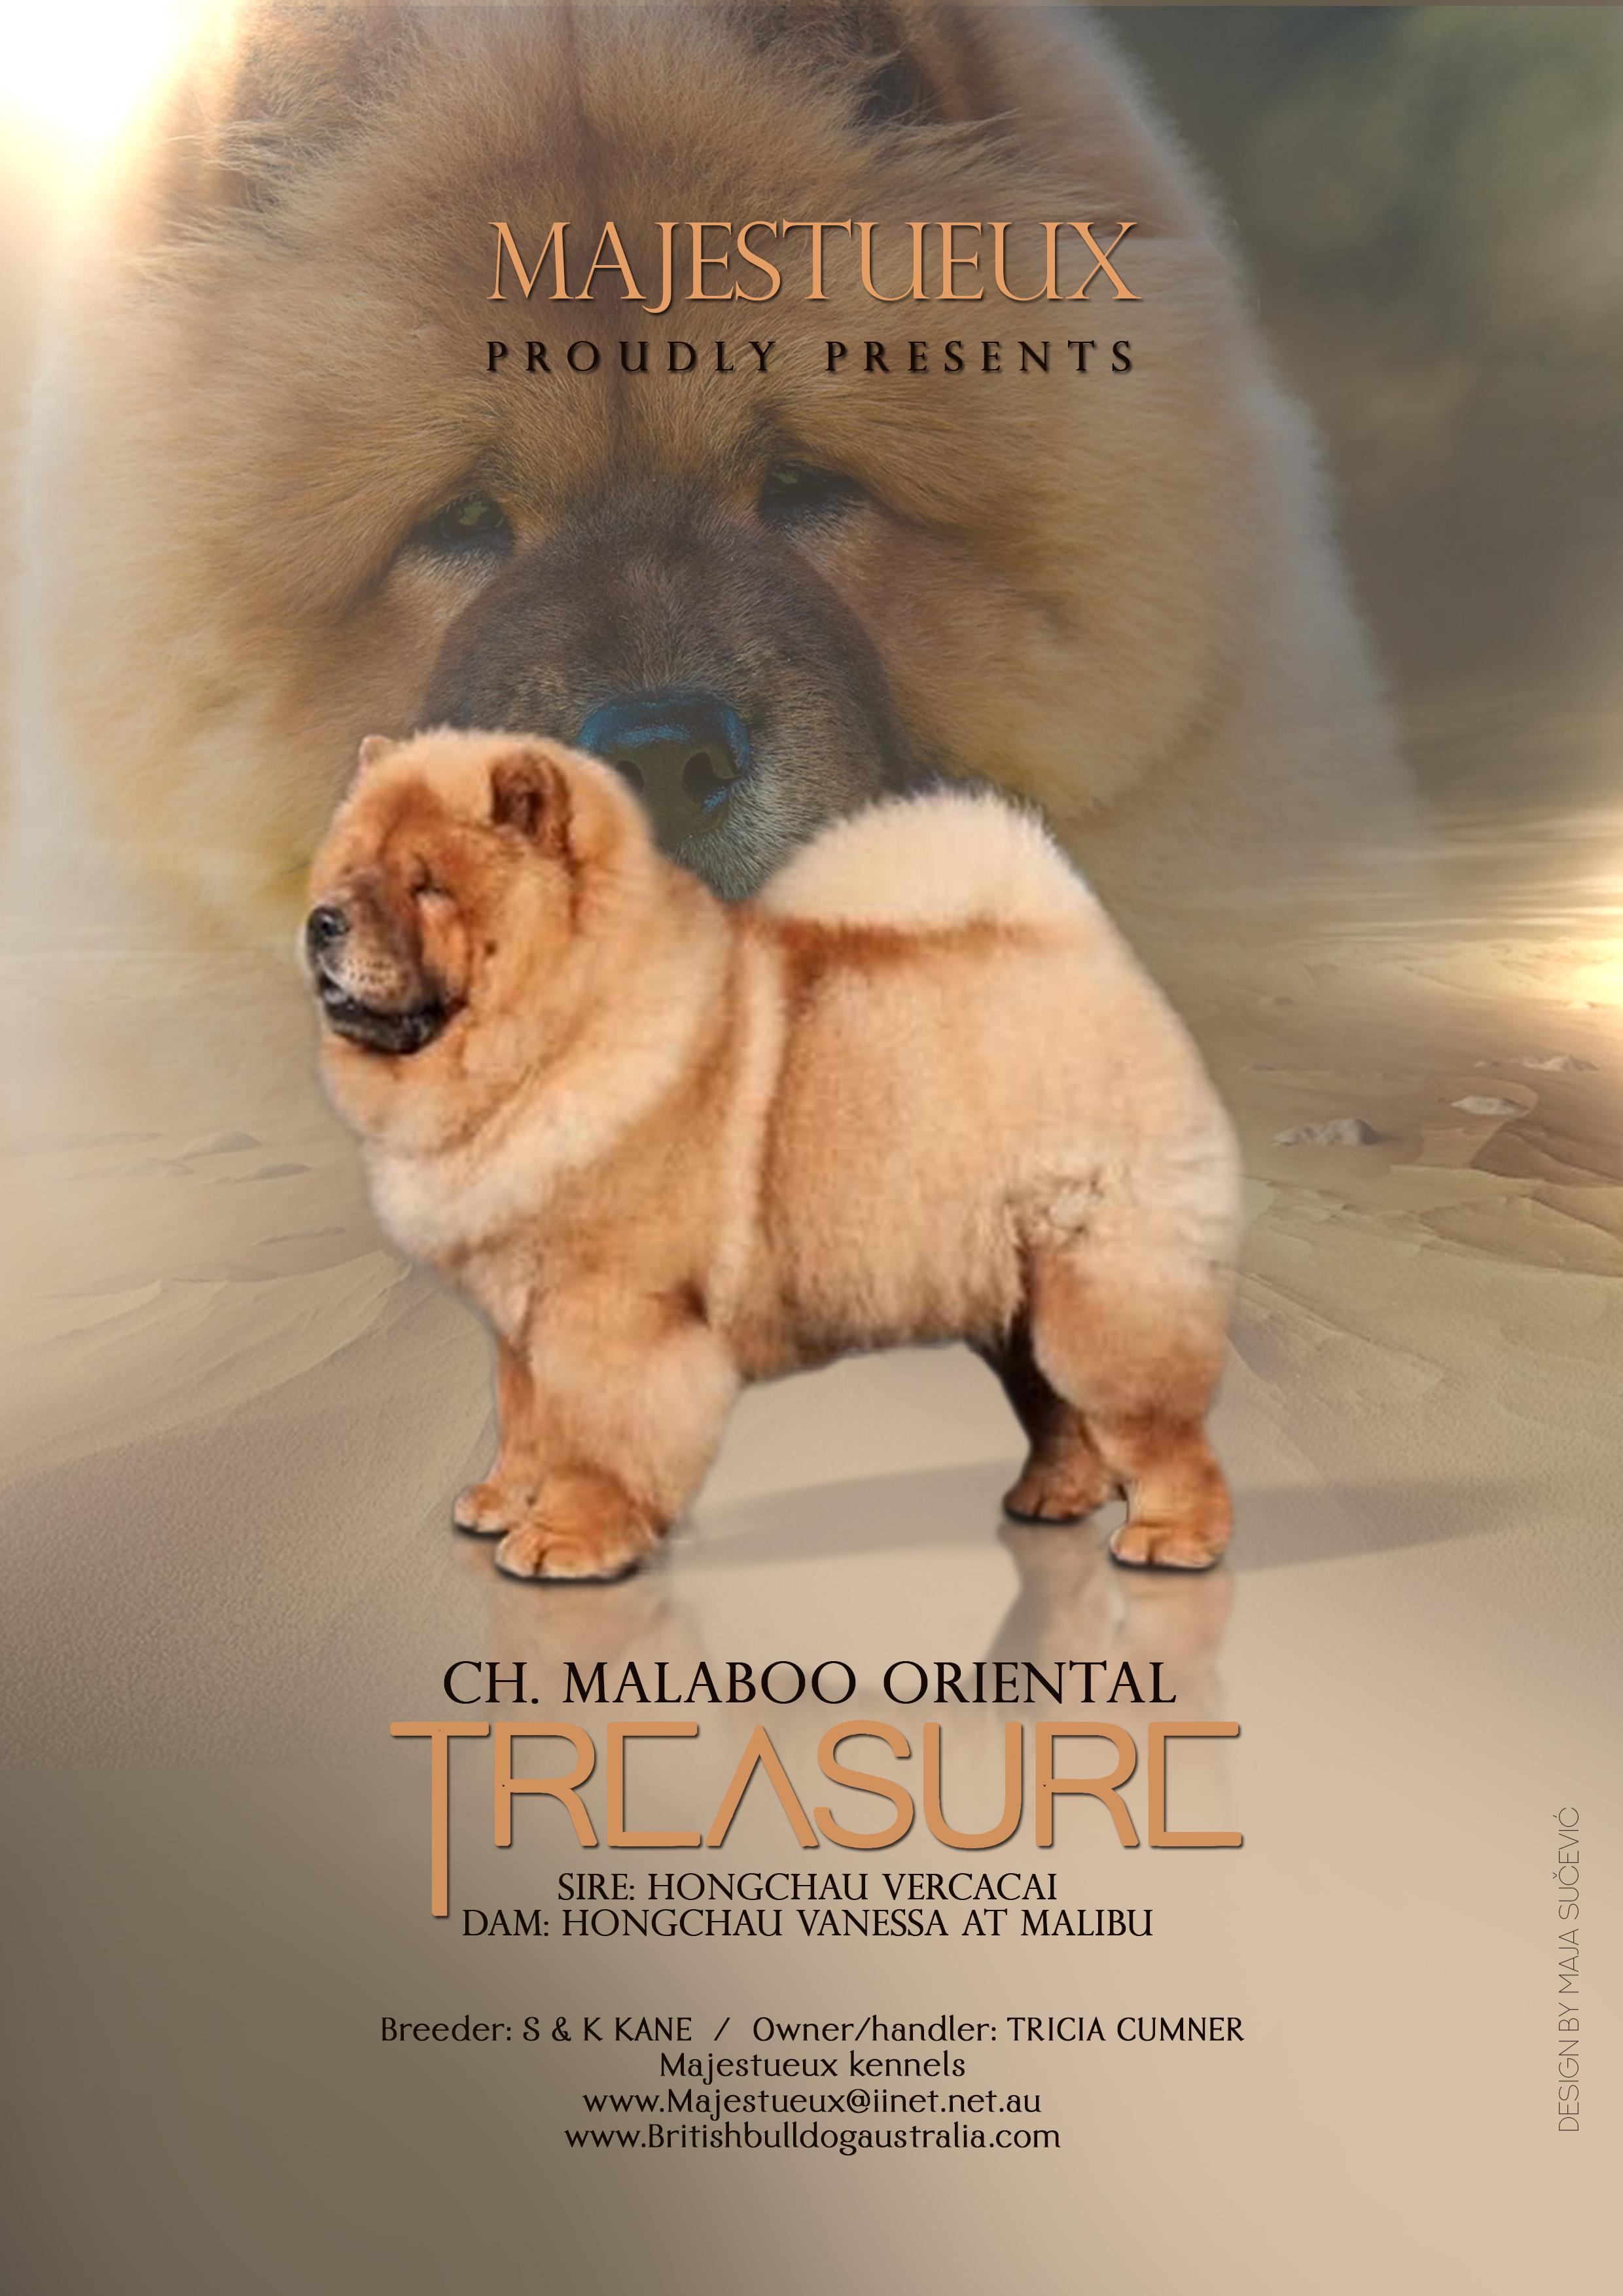 Ch. Malaboo Orienal Treasure gallery image